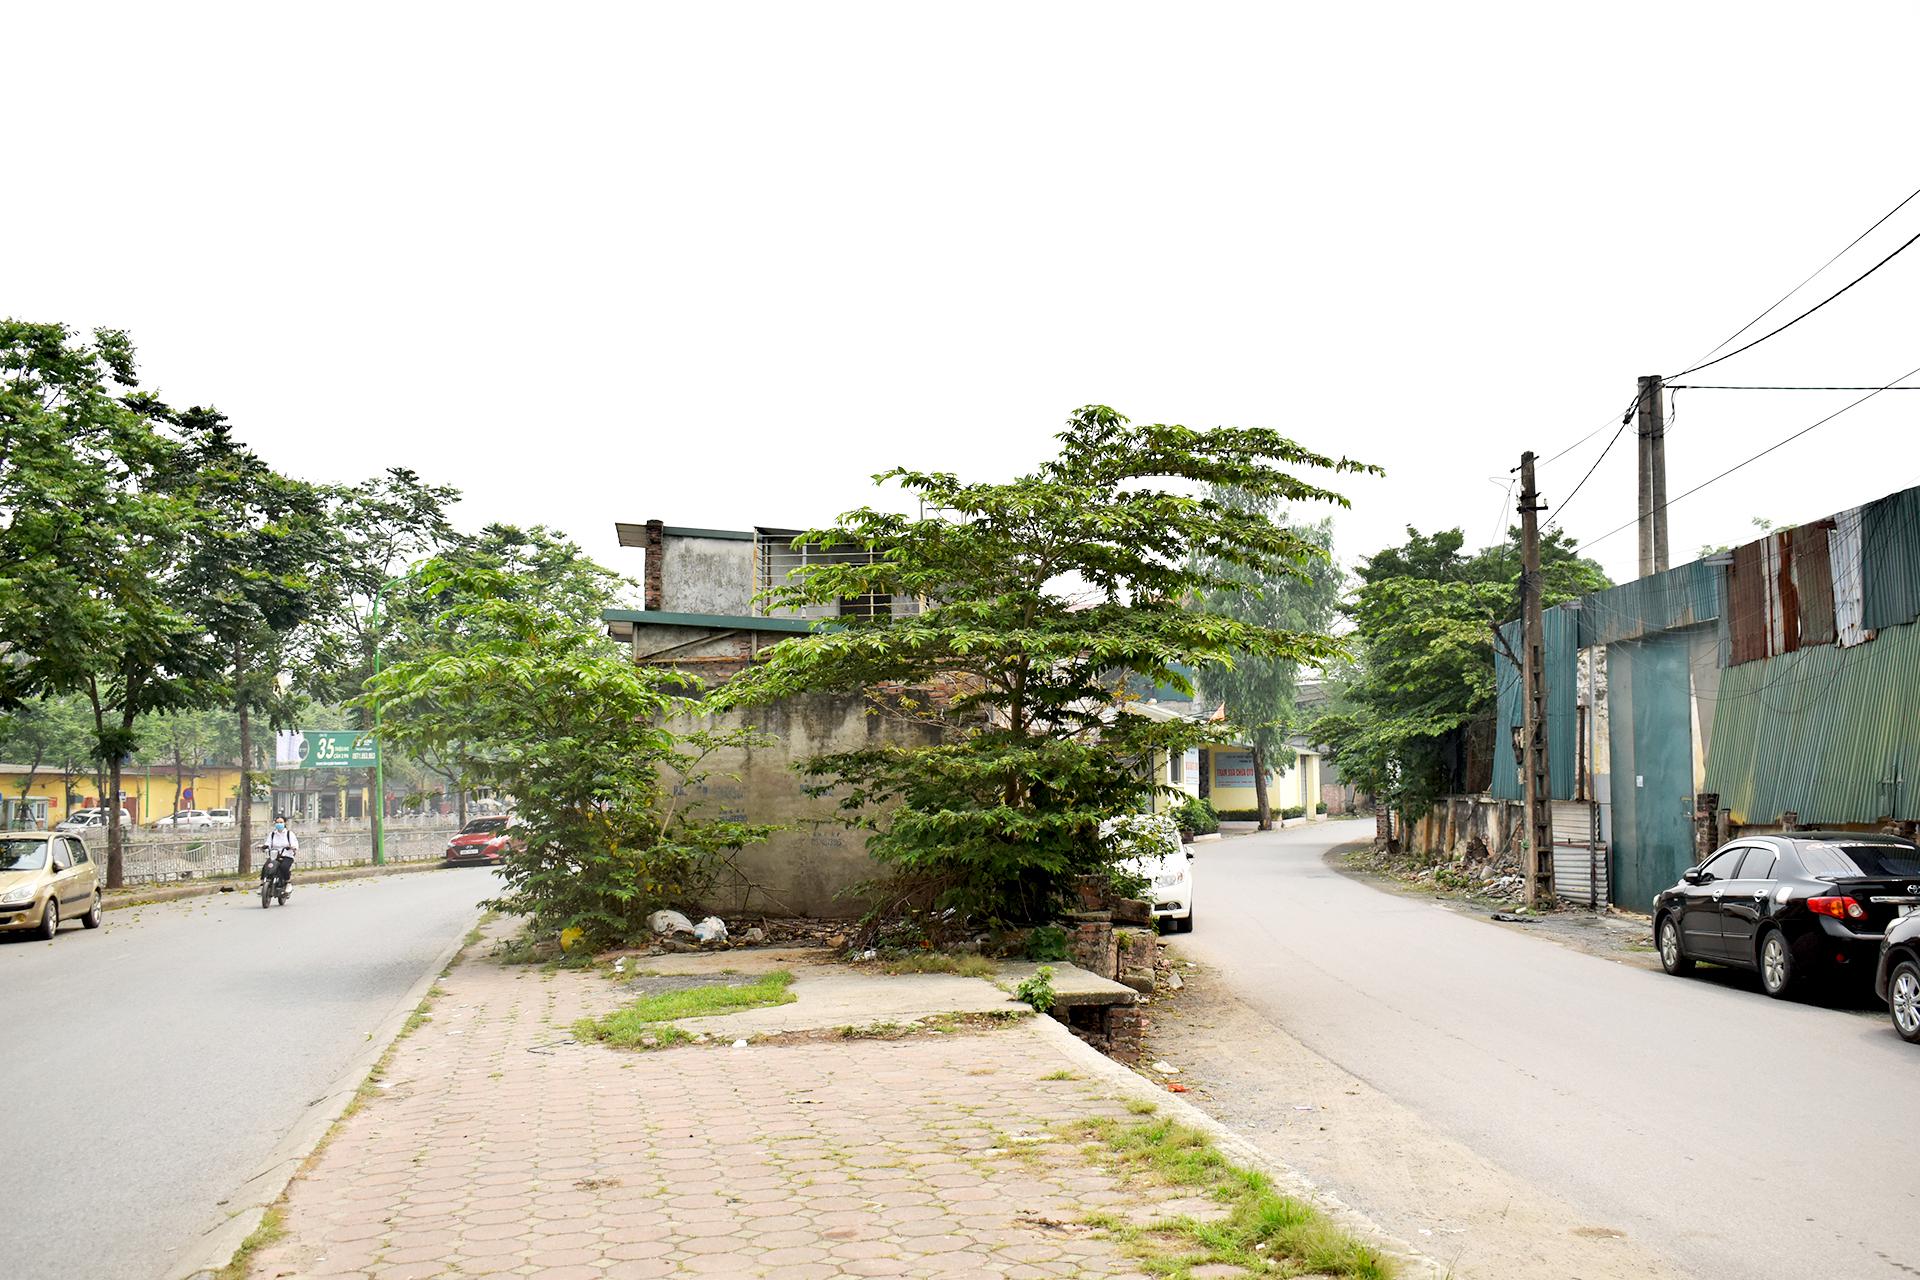 Hai khu đất dính quy hoạch ở phường Phương Liệt, Thanh Xuân, Hà Nội - Ảnh 4.